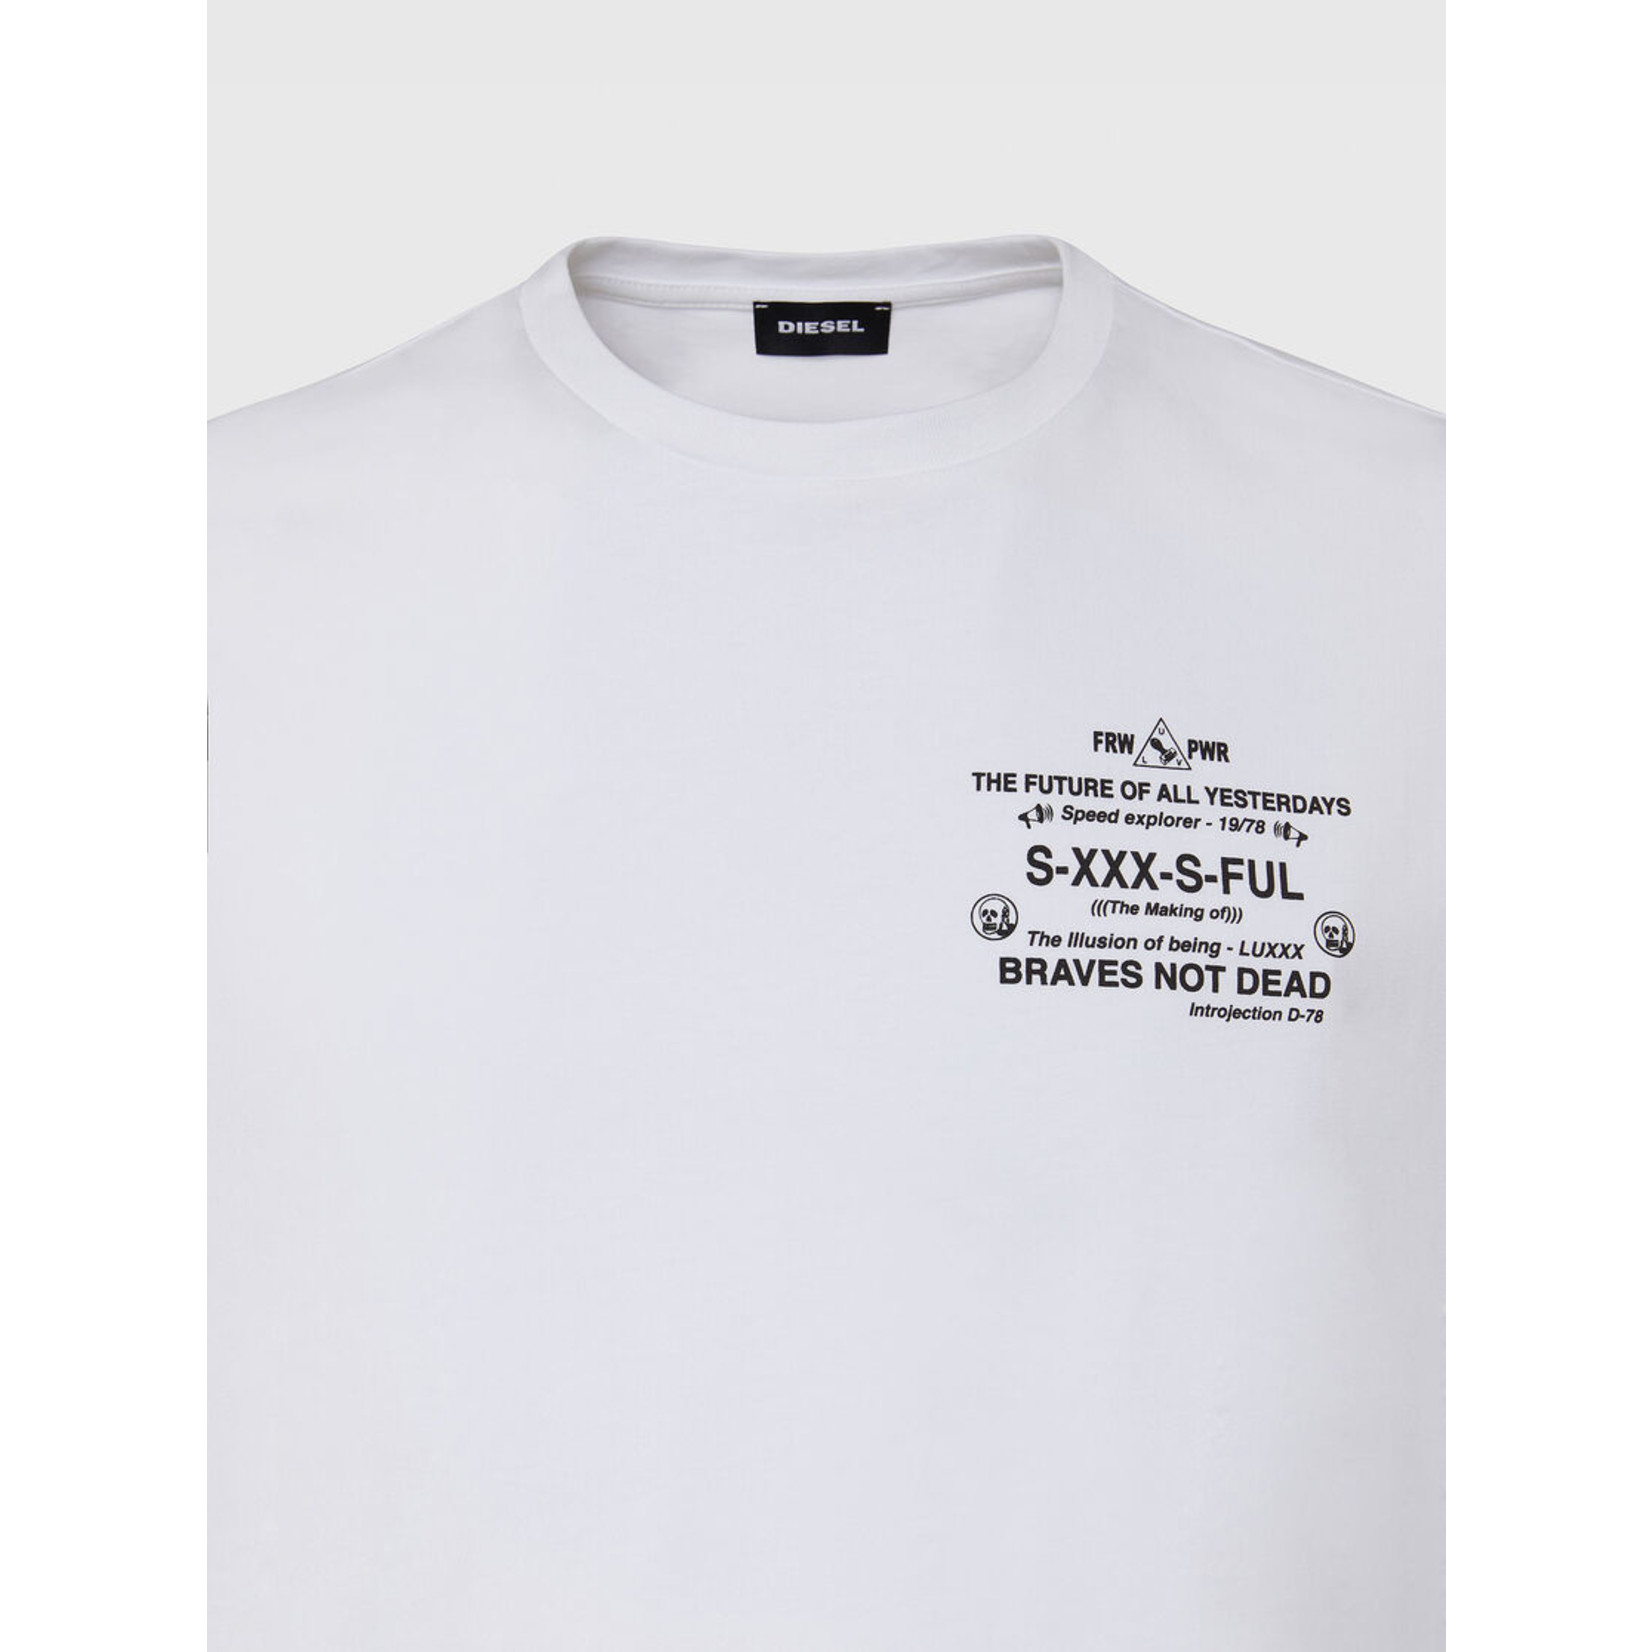 DIESEL DIESEL T-SHIRT DIEGOS X44 - WHITE